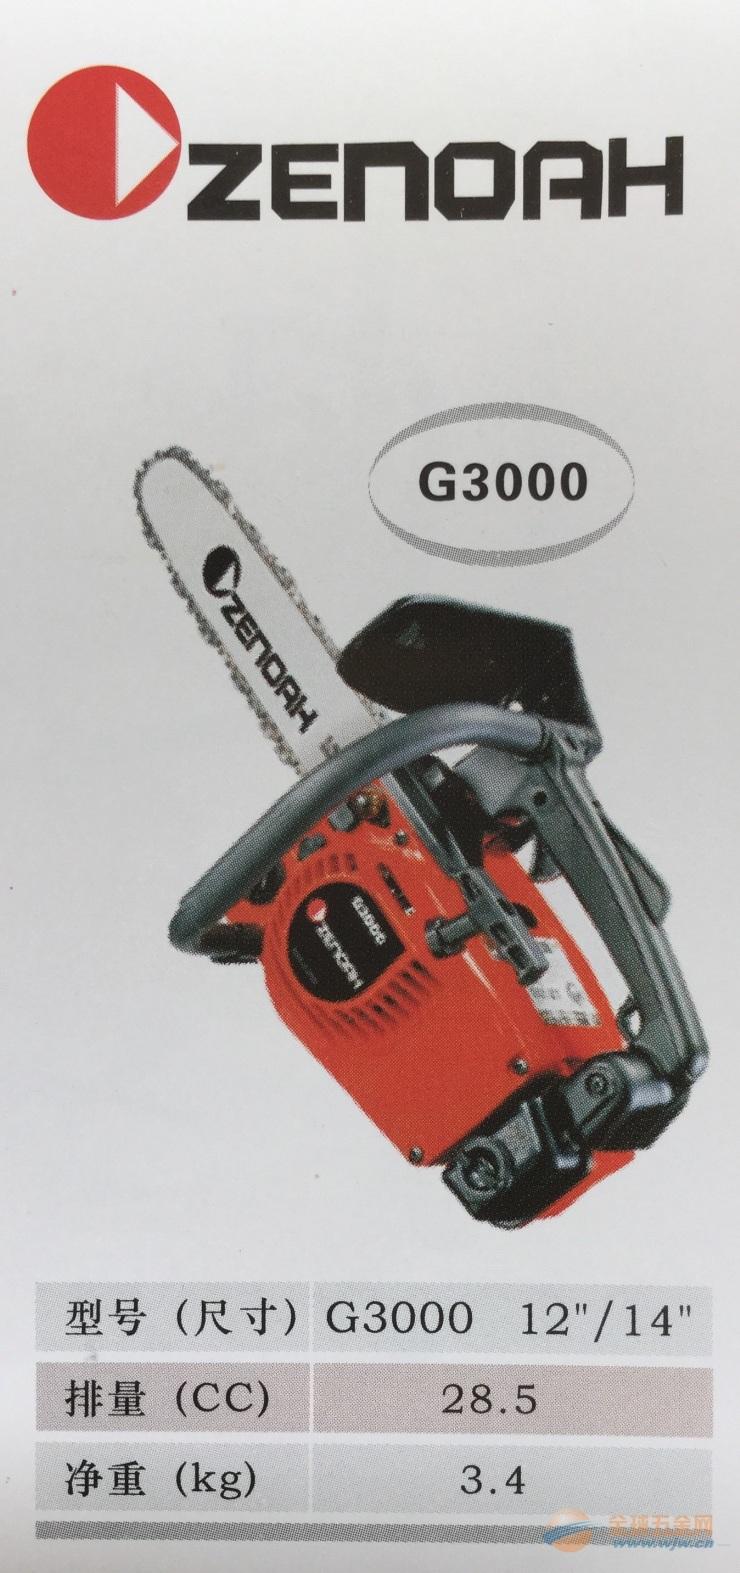 湖北武汉小松G3000小油锯